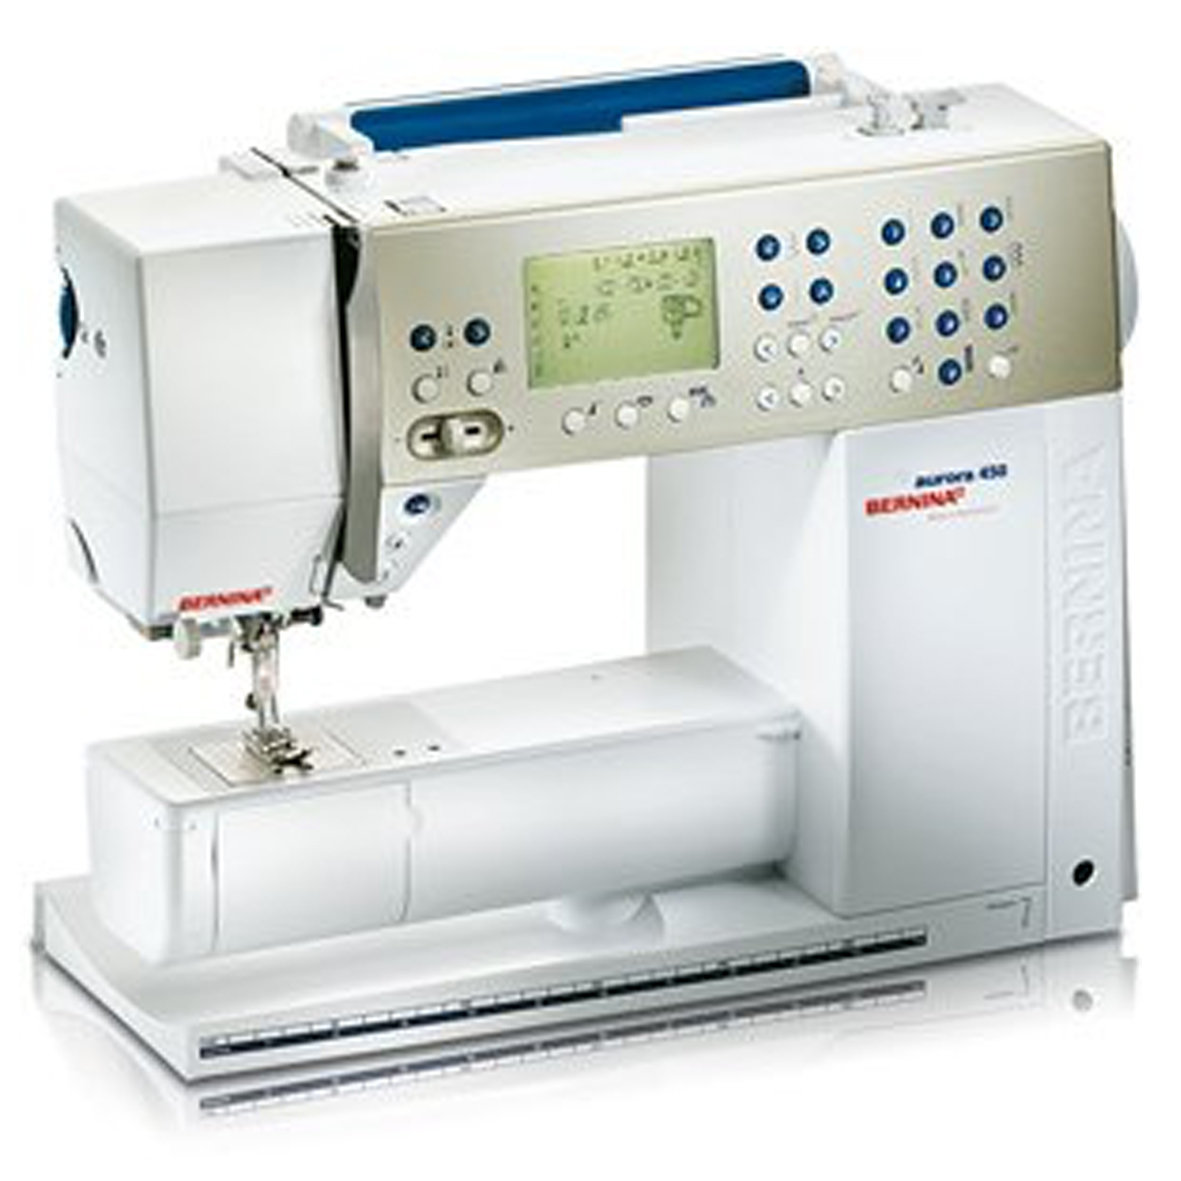 bernina sewing machine parts accessories